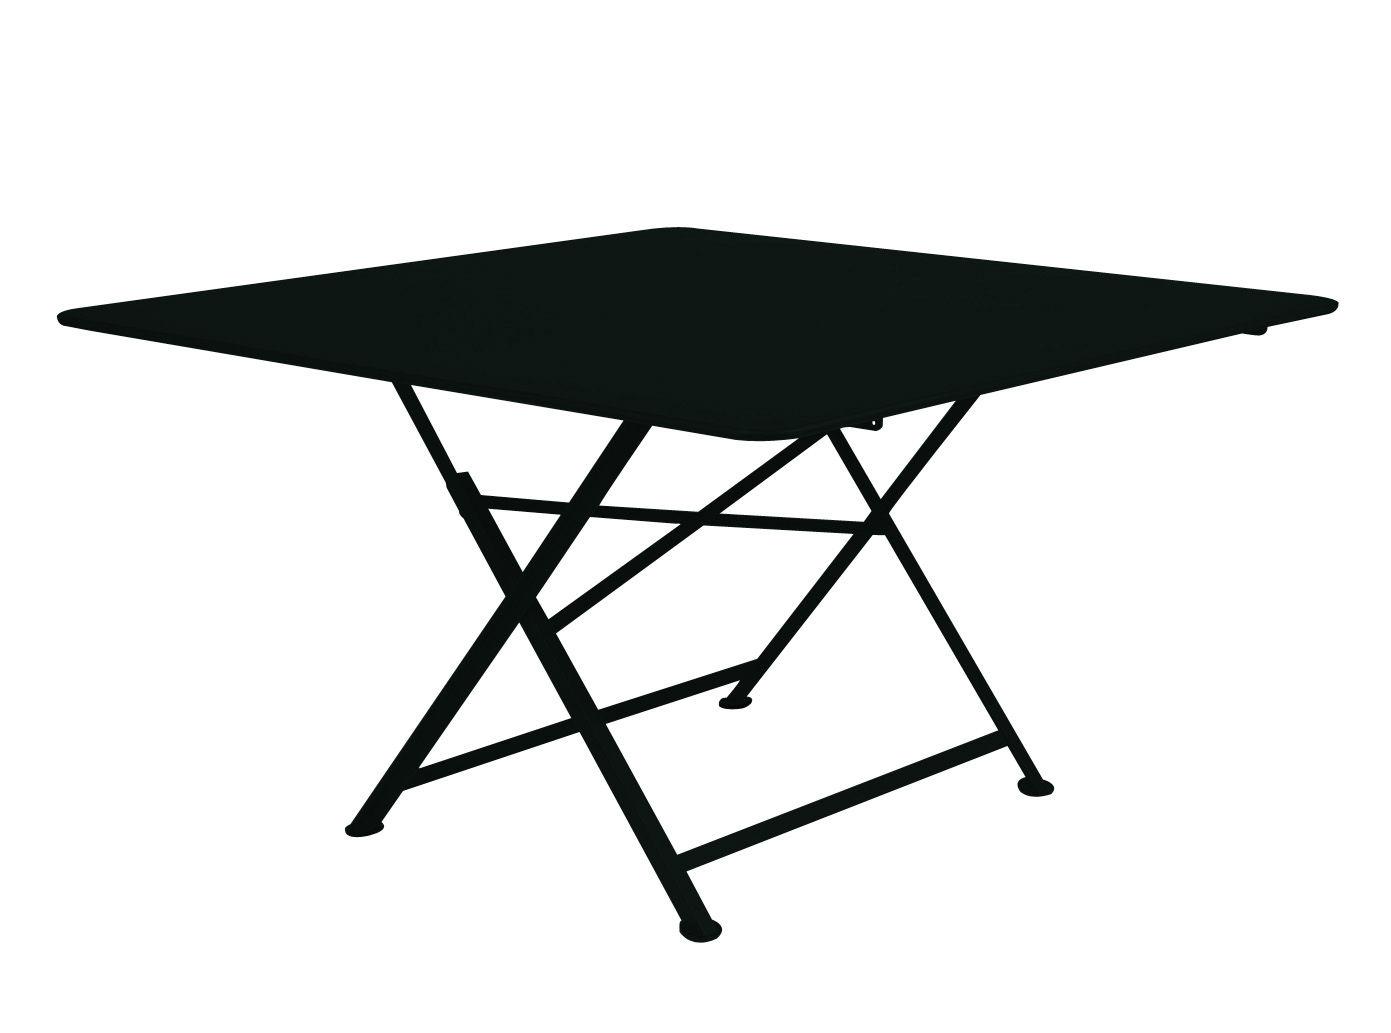 Outdoor - Tables de jardin - Table pliante Cargo / 128 x 128 cm - Fermob - Réglisse - Acier laqué